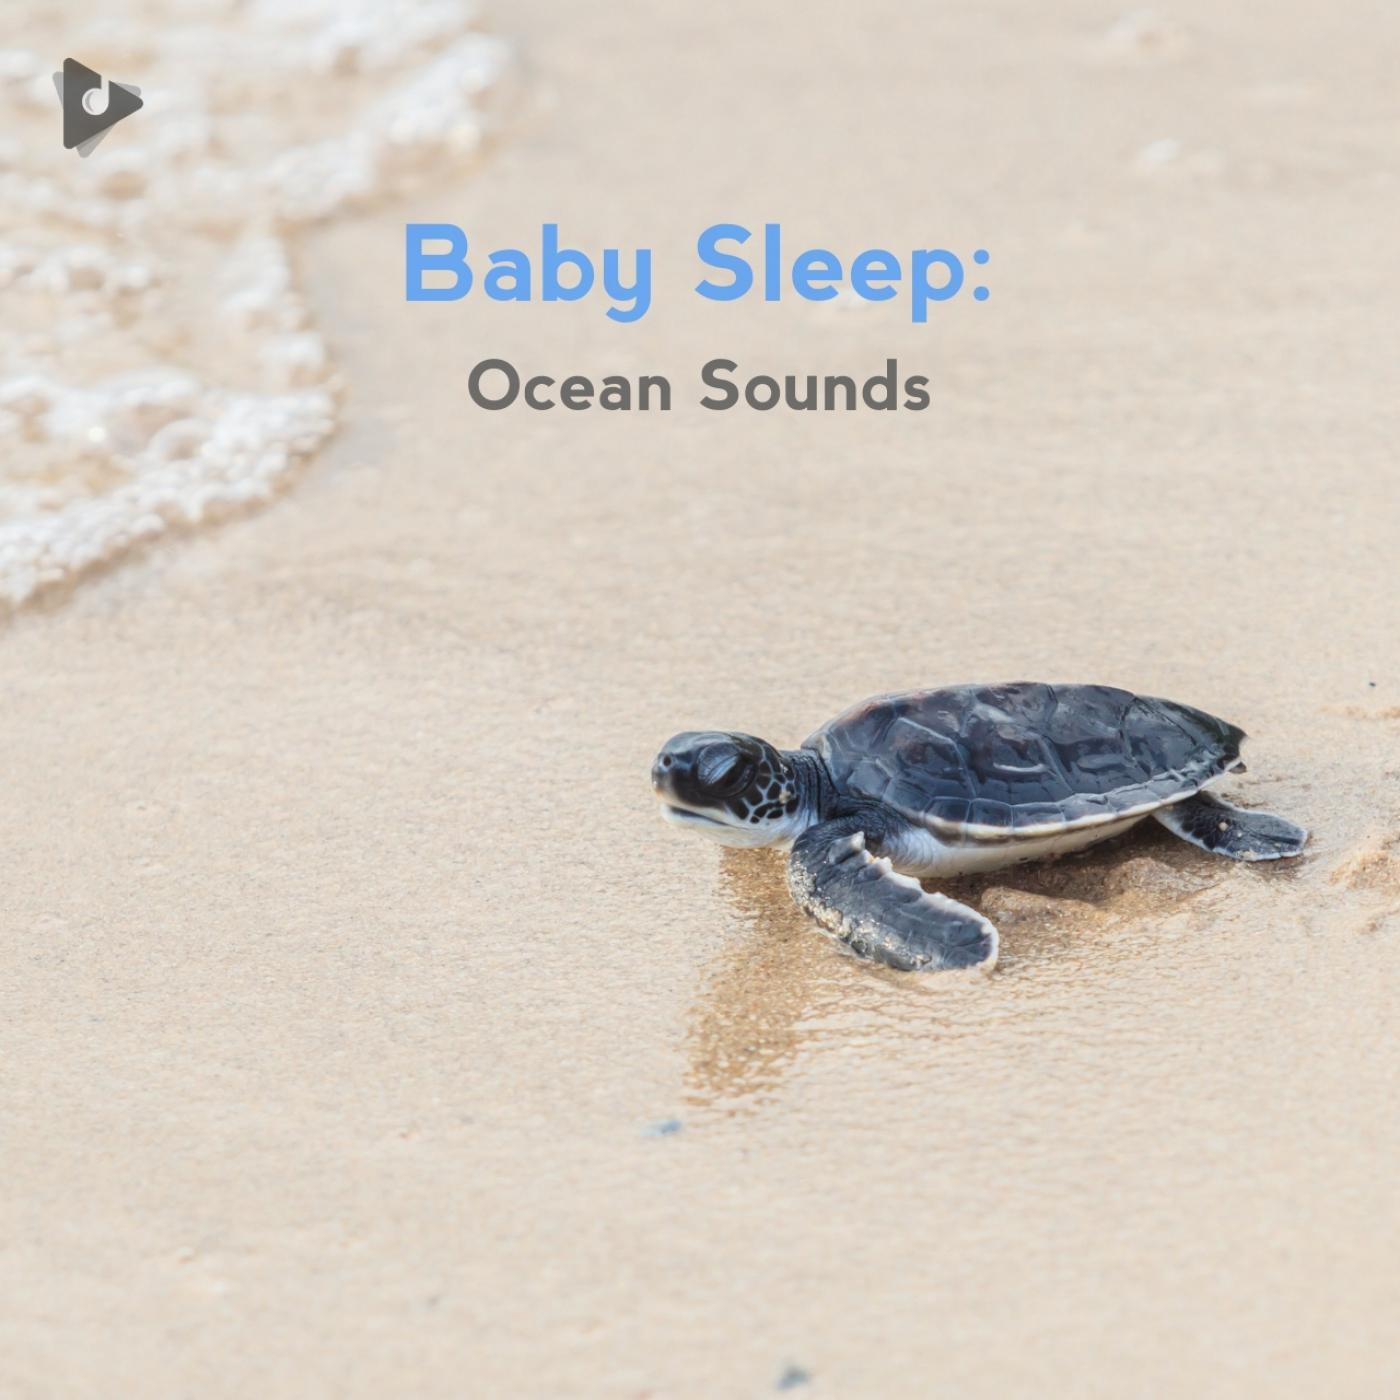 Baby Sleep: Ocean Sounds